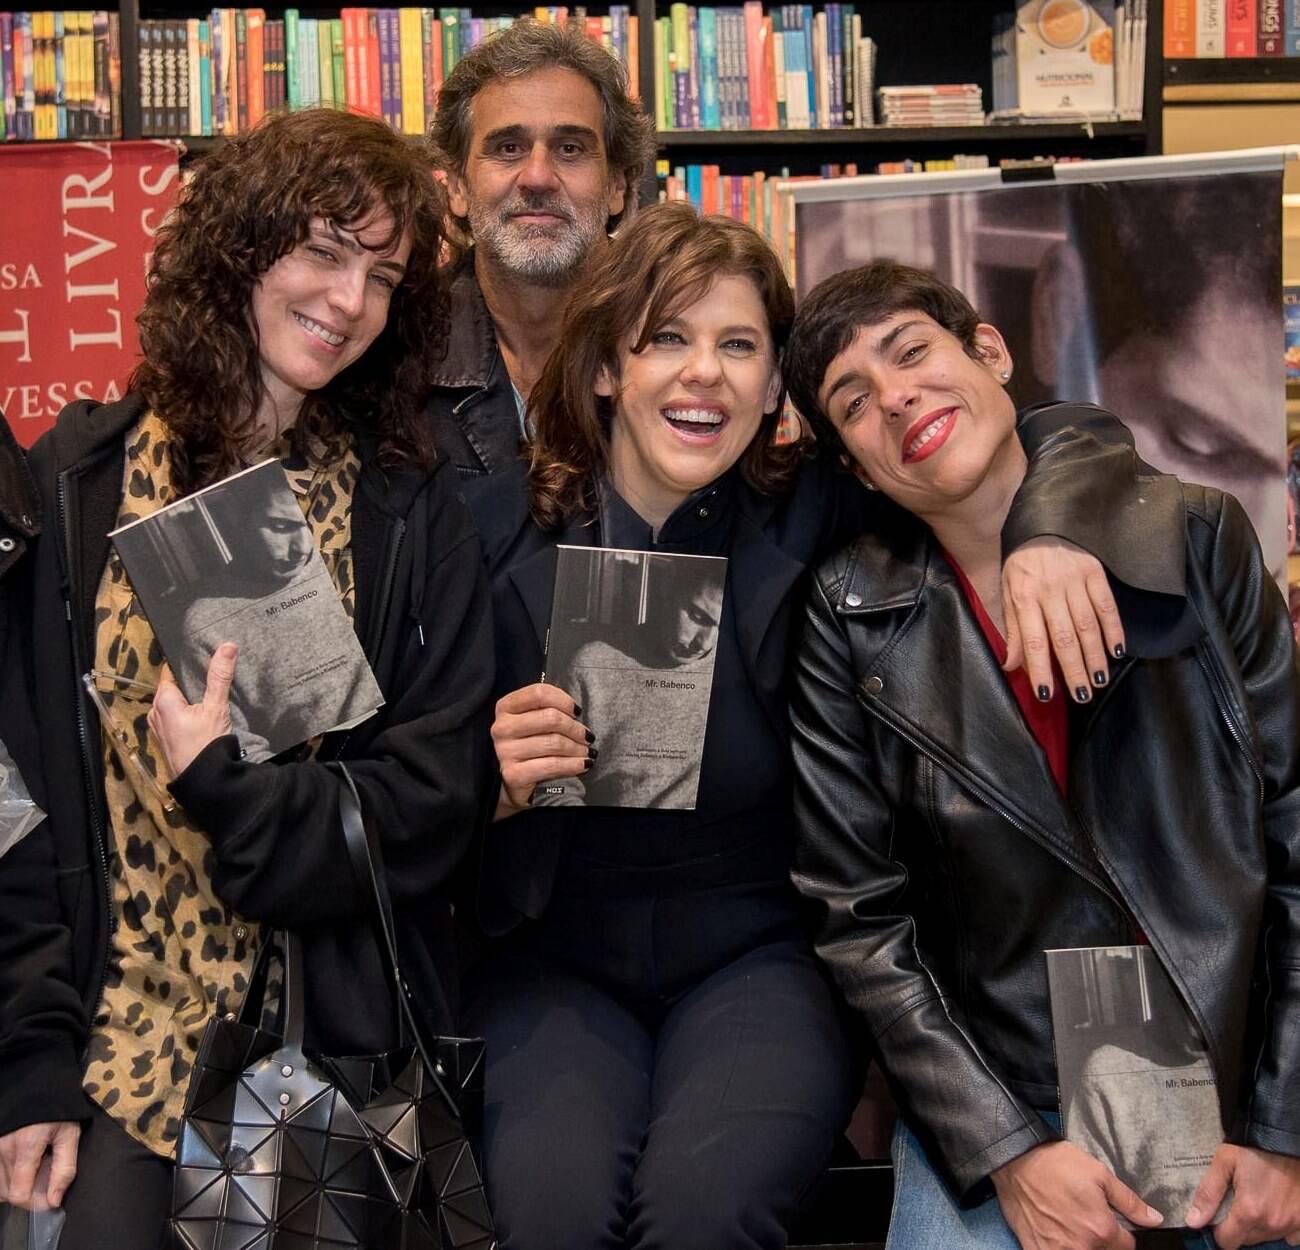 Bárbara Paz, Carolina Jabour, Julia Barreto e Marcos Prado / Foto: Ana Paula Amorim